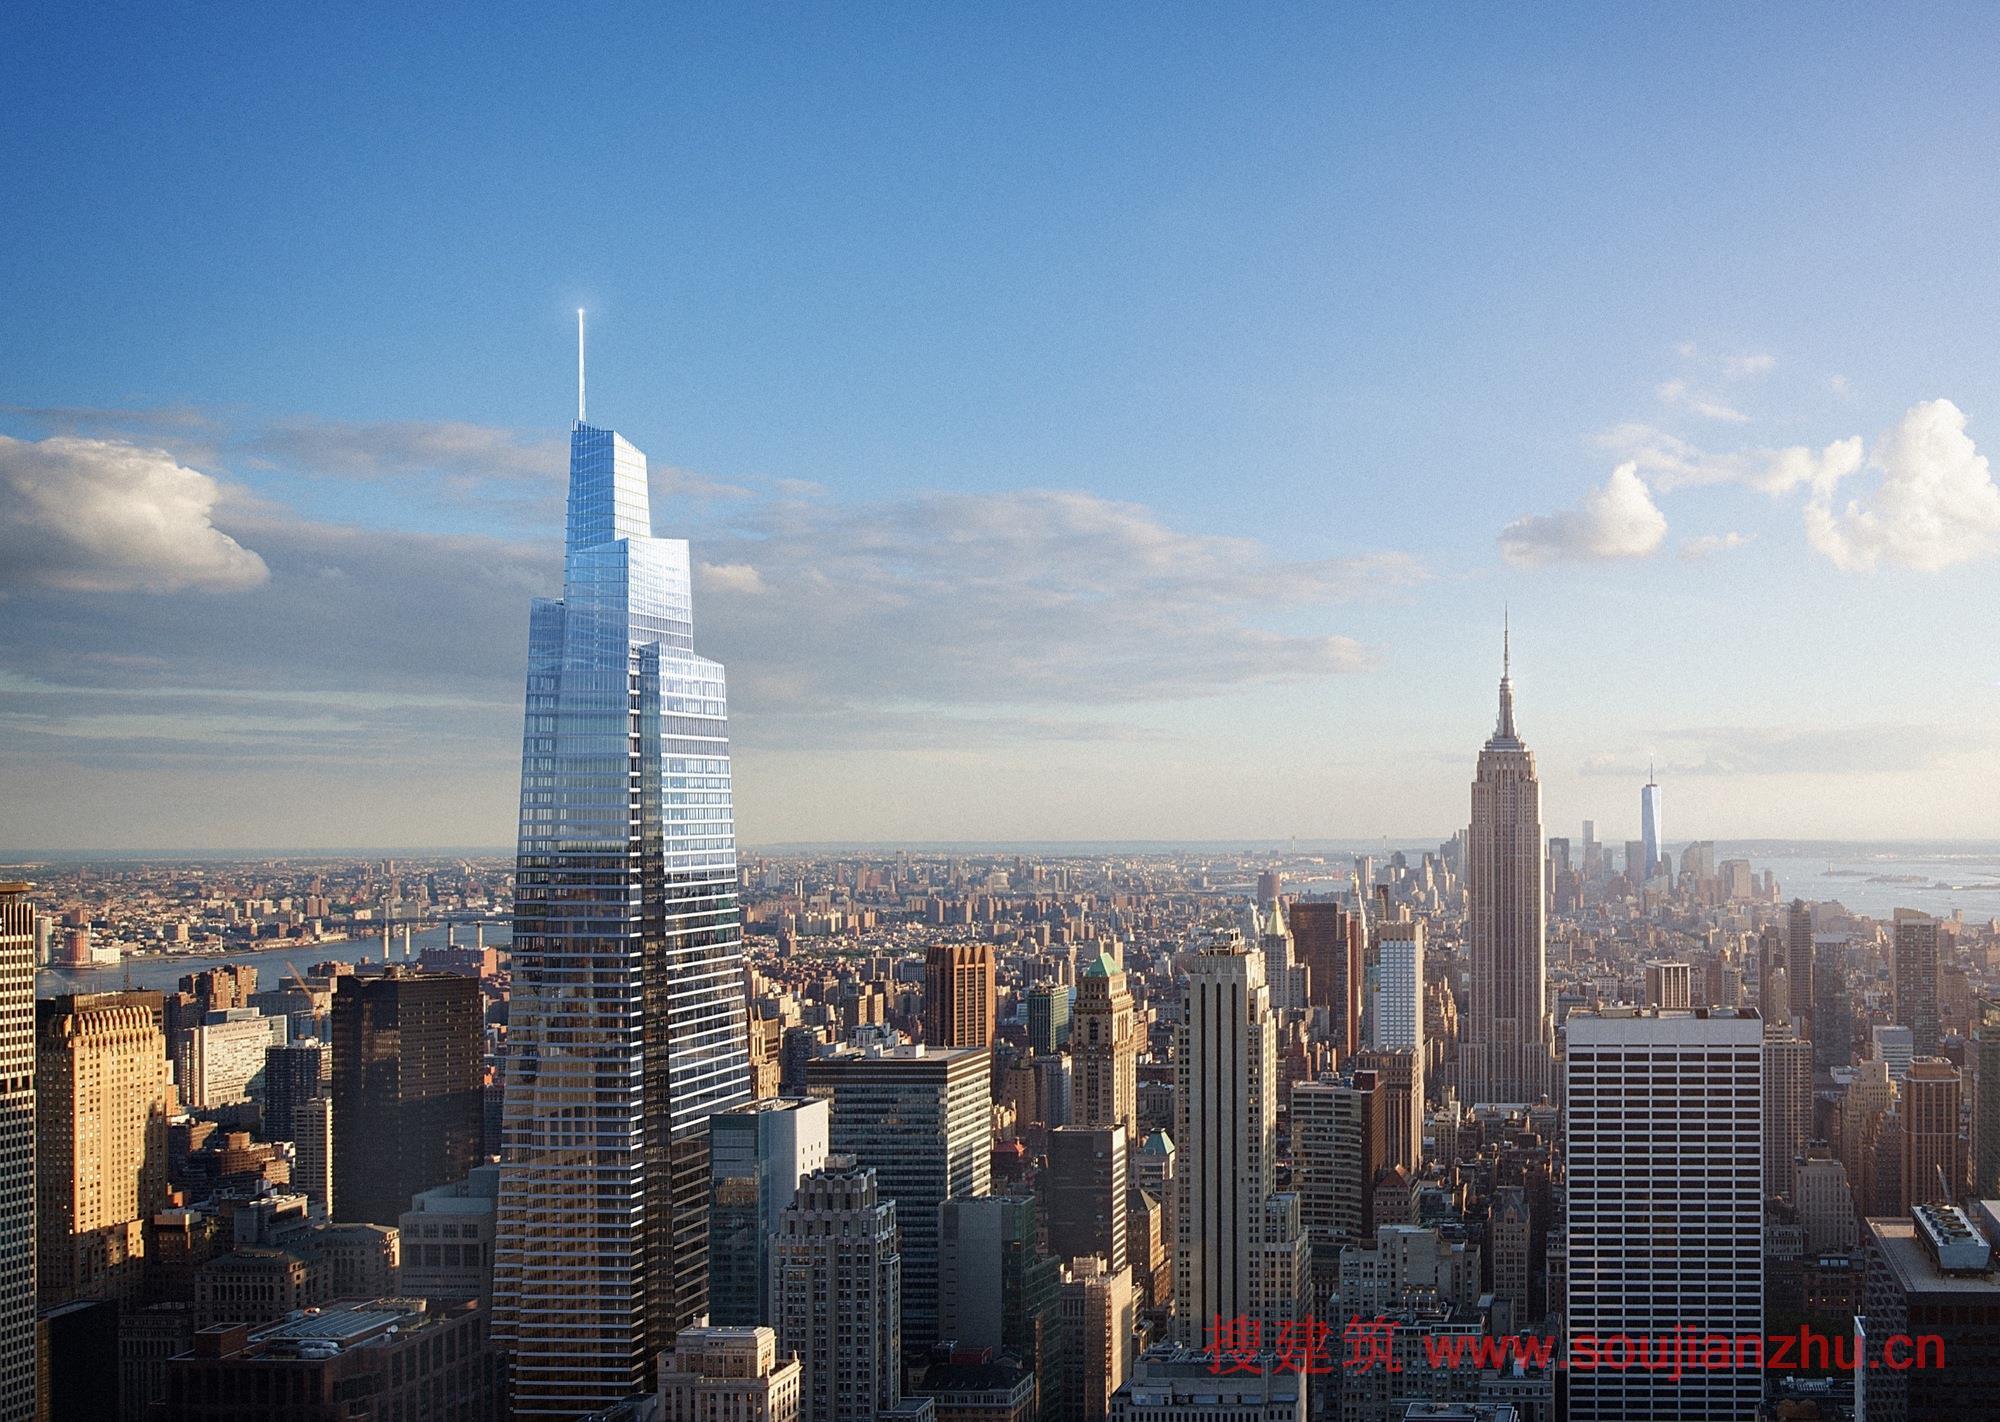 搜建筑网 -- 纽约未来的第二高塔破土动工